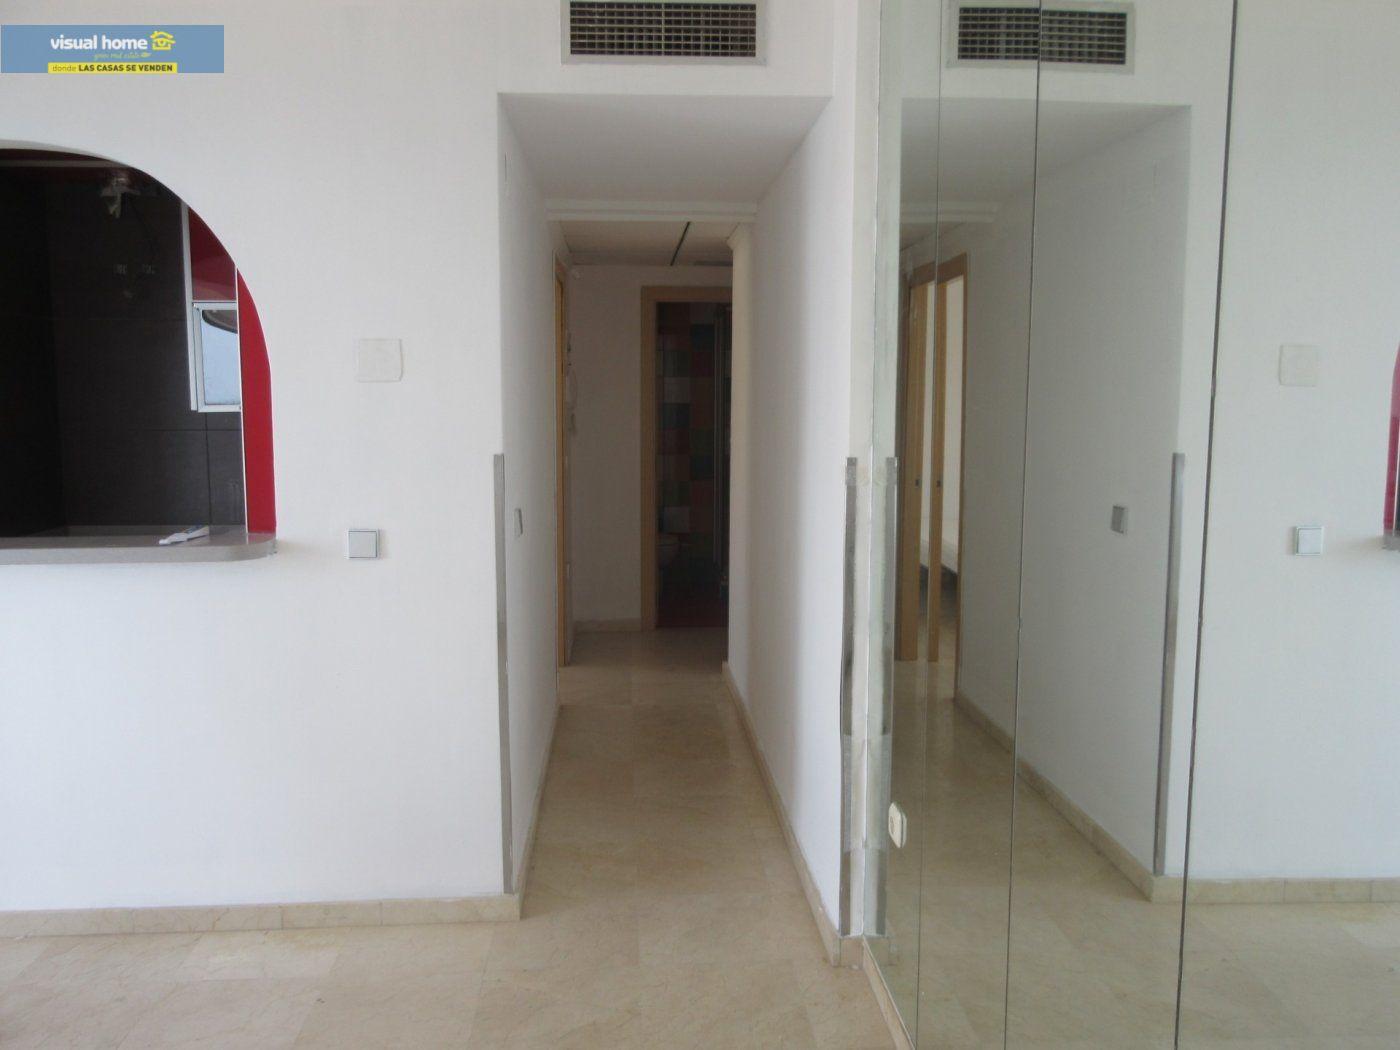 Apartamento de 1 dormitorio con espectaculares vistas  en 1ª linea de playa con parking y piscina 19